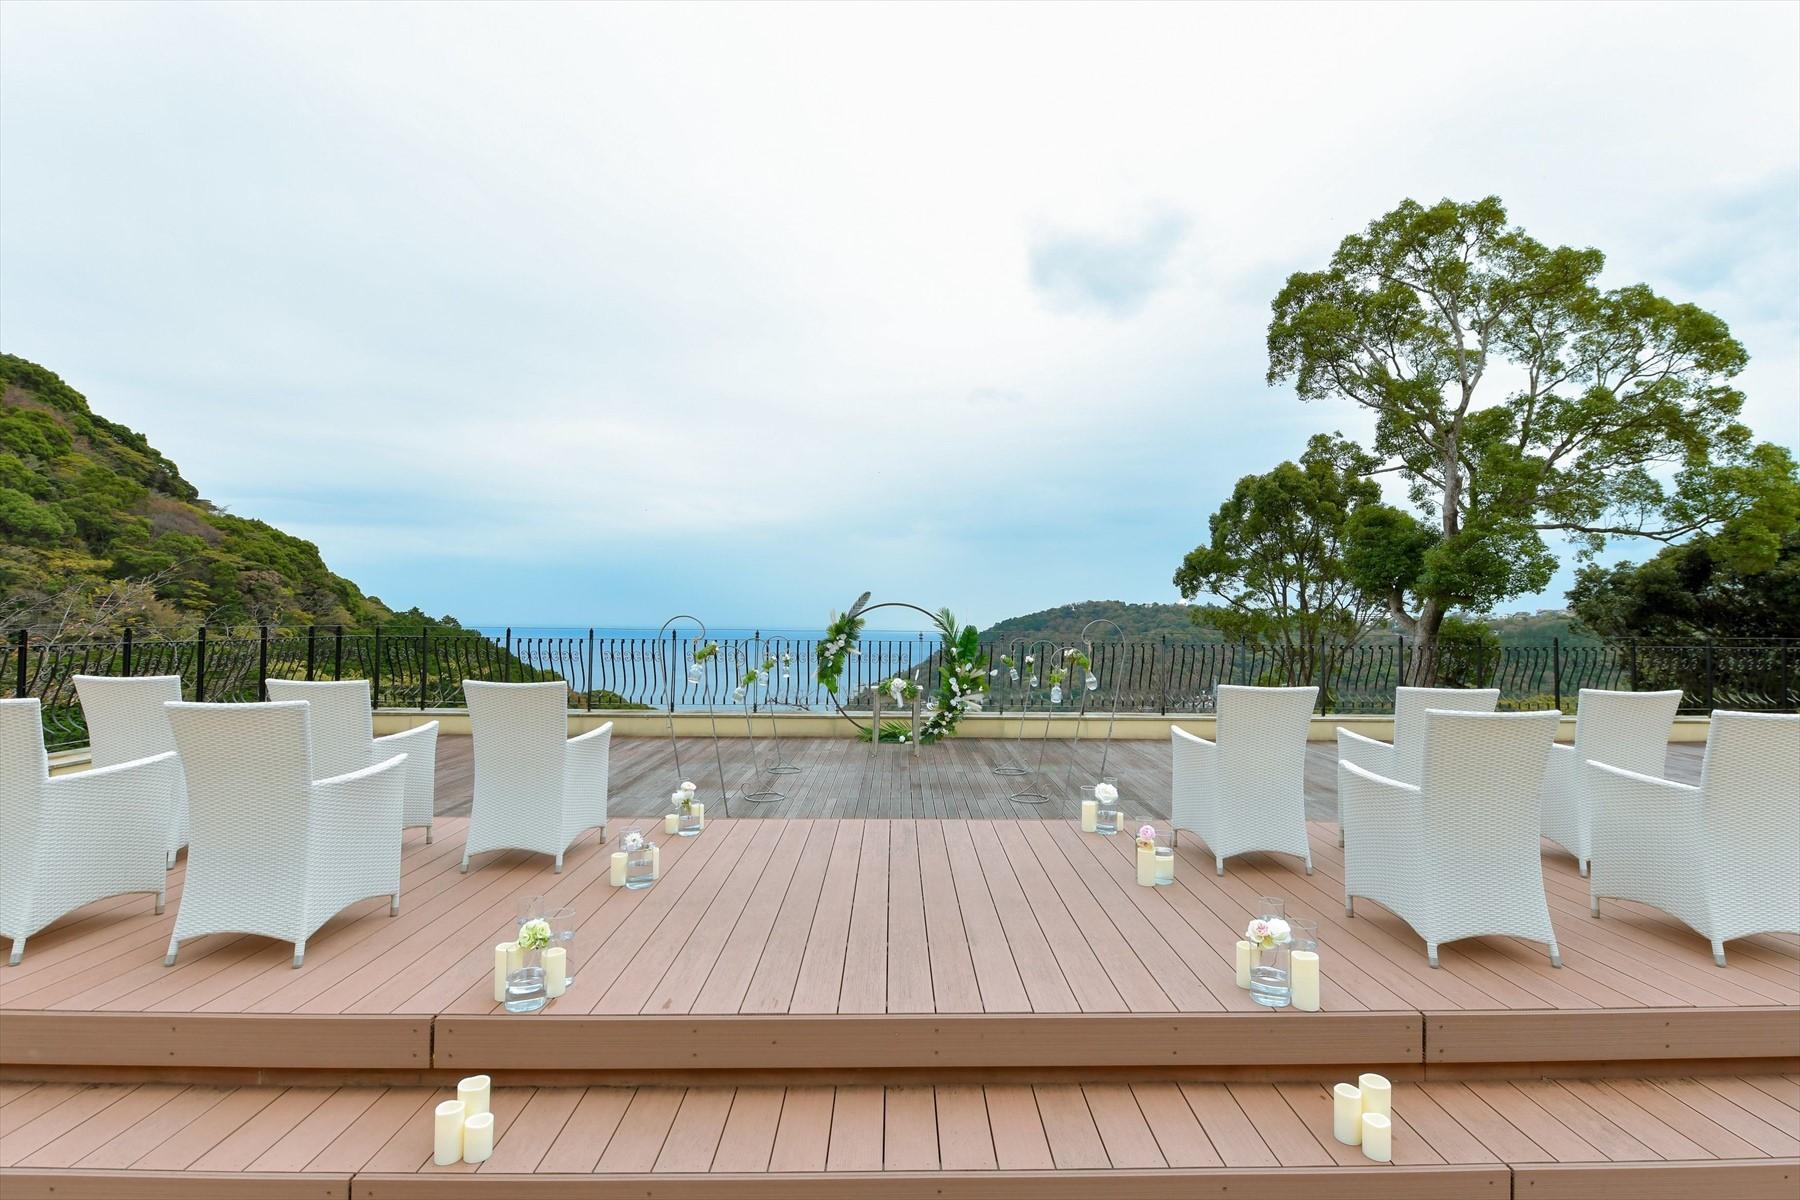 静岡県貸切結婚式 熱海邸宅ウェディング 熱海スパ&リゾート